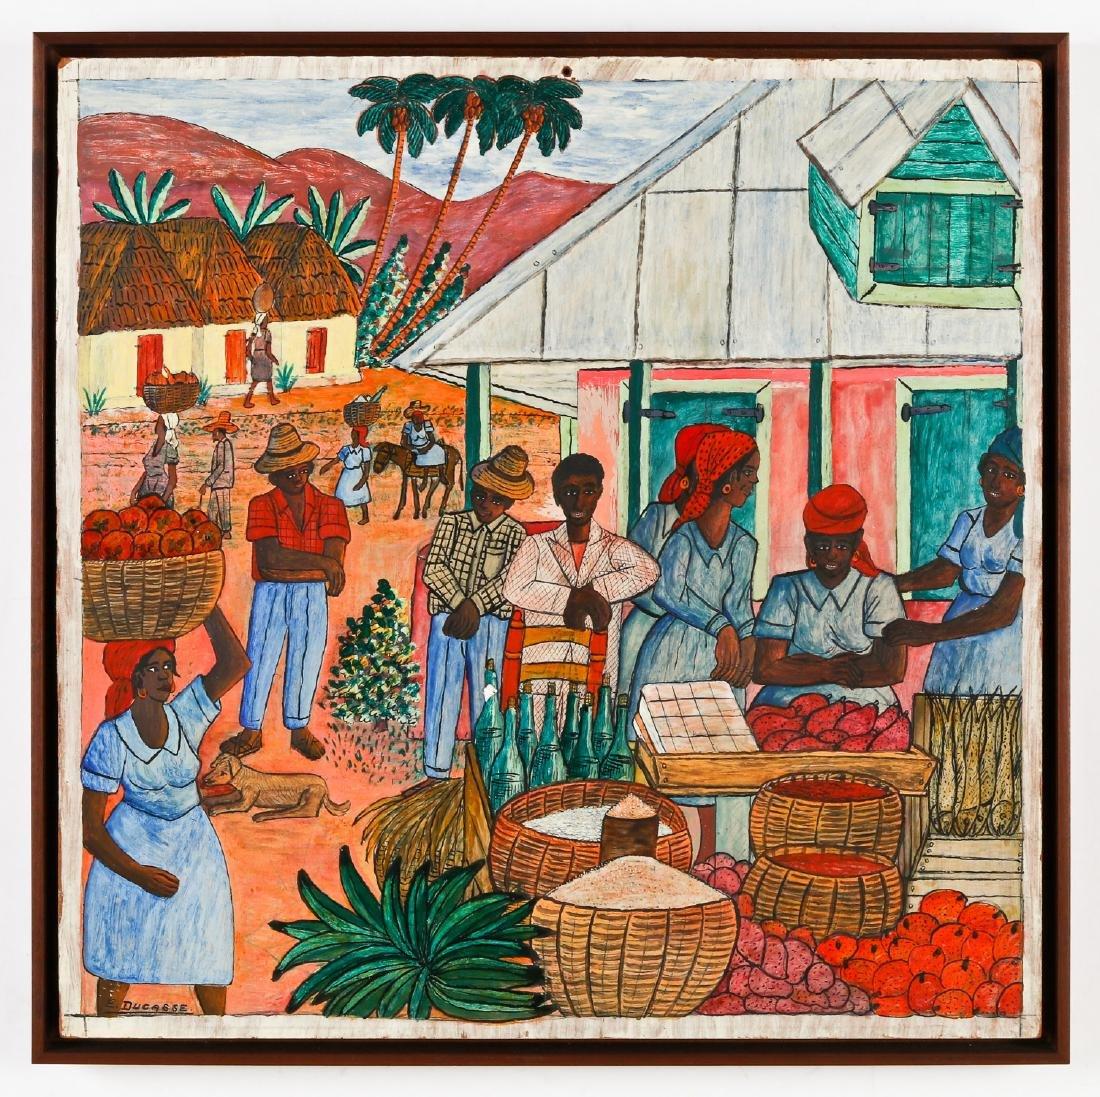 Gervais Emmanuel Ducasse (Haitian/Port-au-Prince, - 2